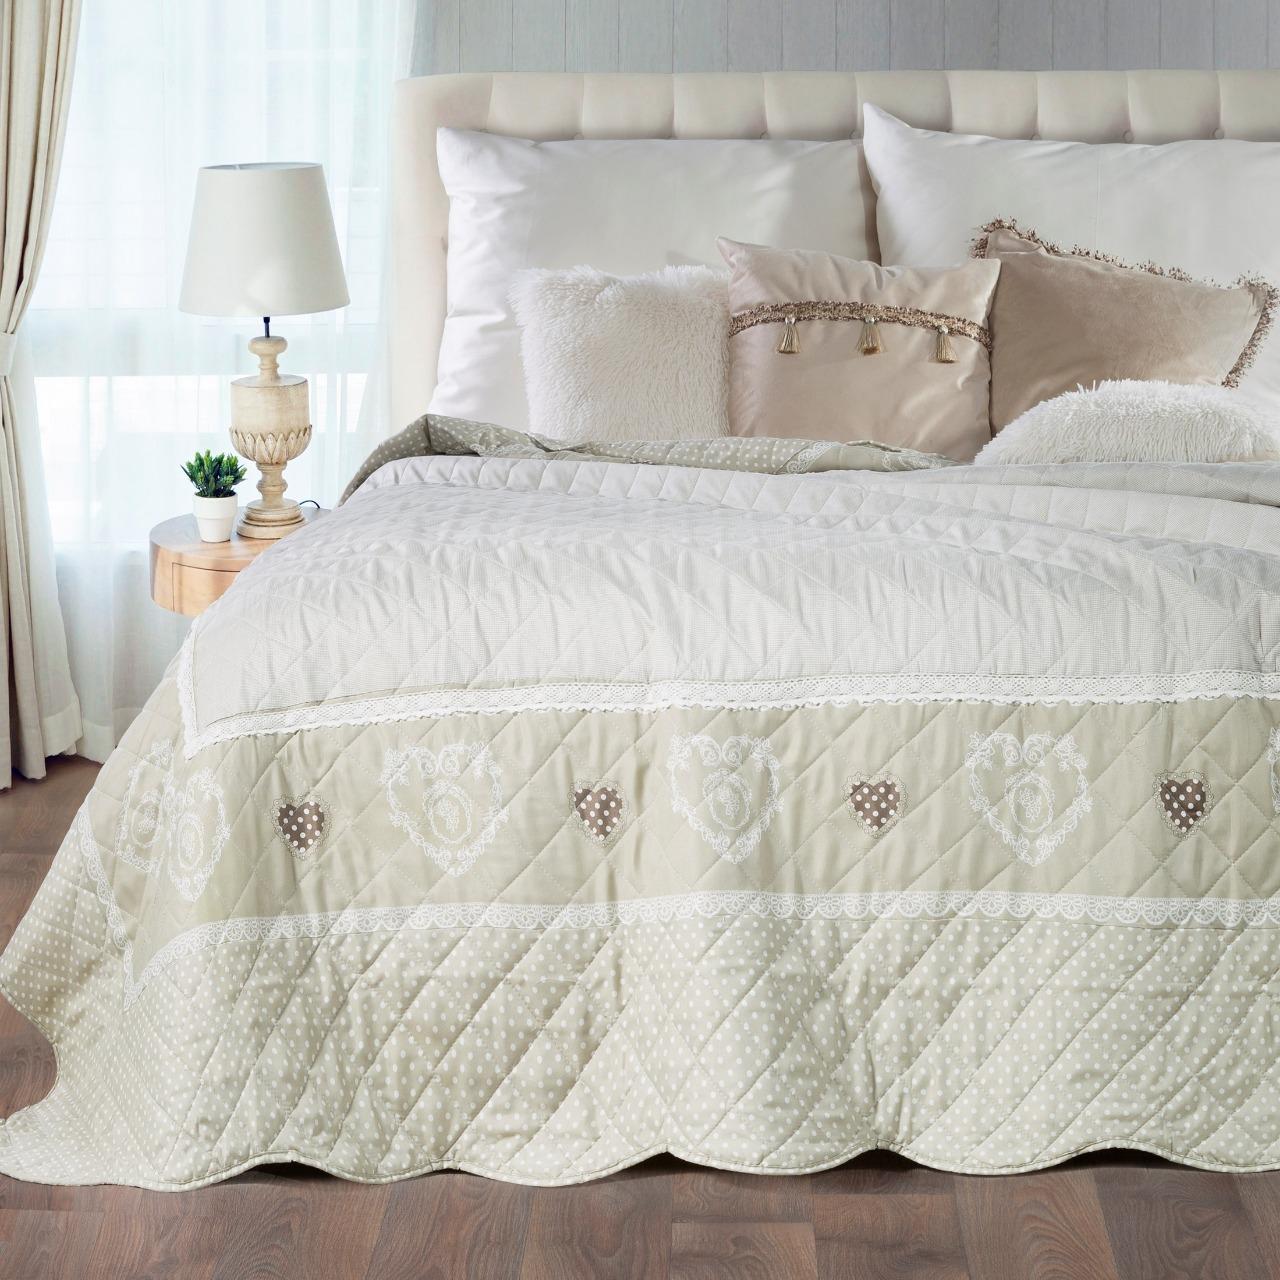 Luxusné spálne na počkanie? Stačí vybrať ten správny prehoz